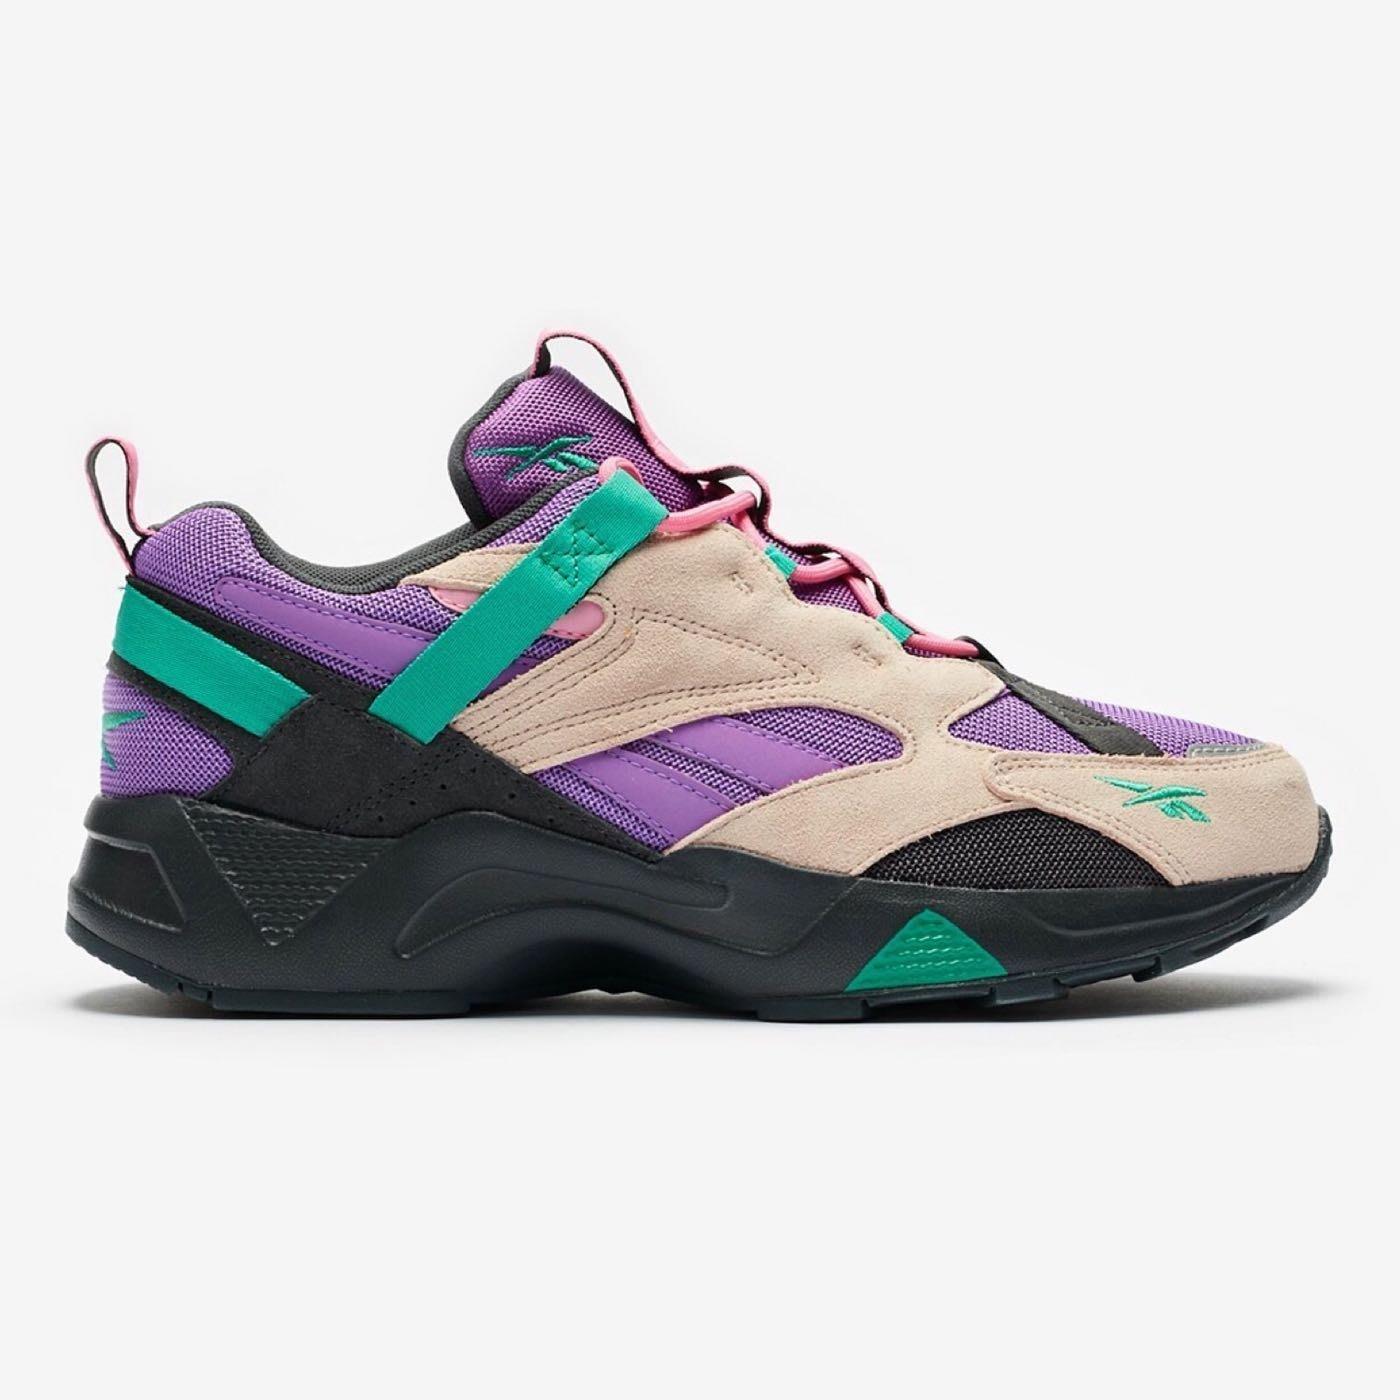 R'代購Reebok Aztrek 96 Adventure 紫粉紅